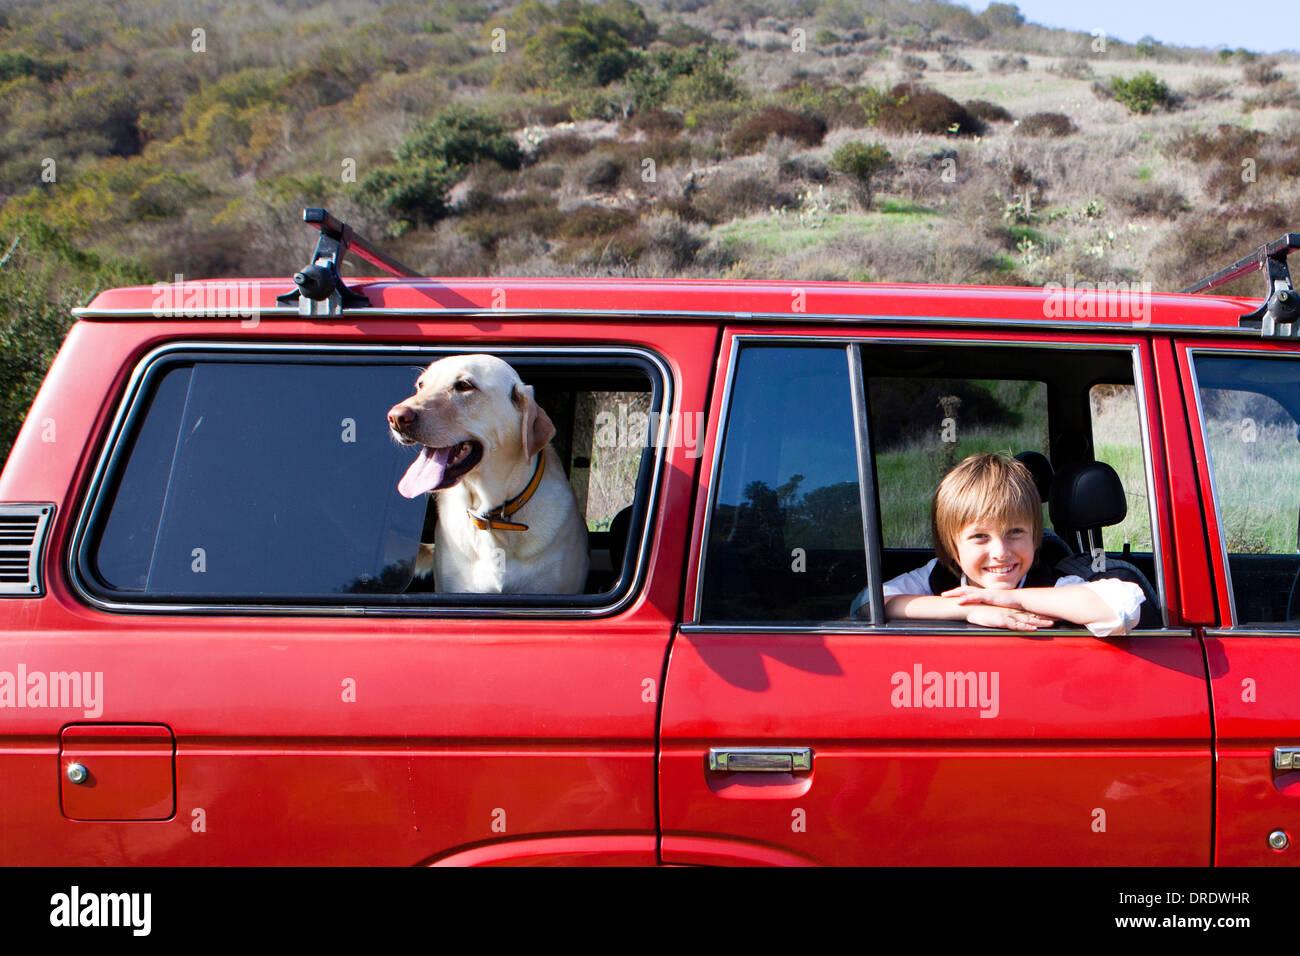 Ragazzo e cane appendere fuori dalle finestre di un suv rosso Immagini Stock